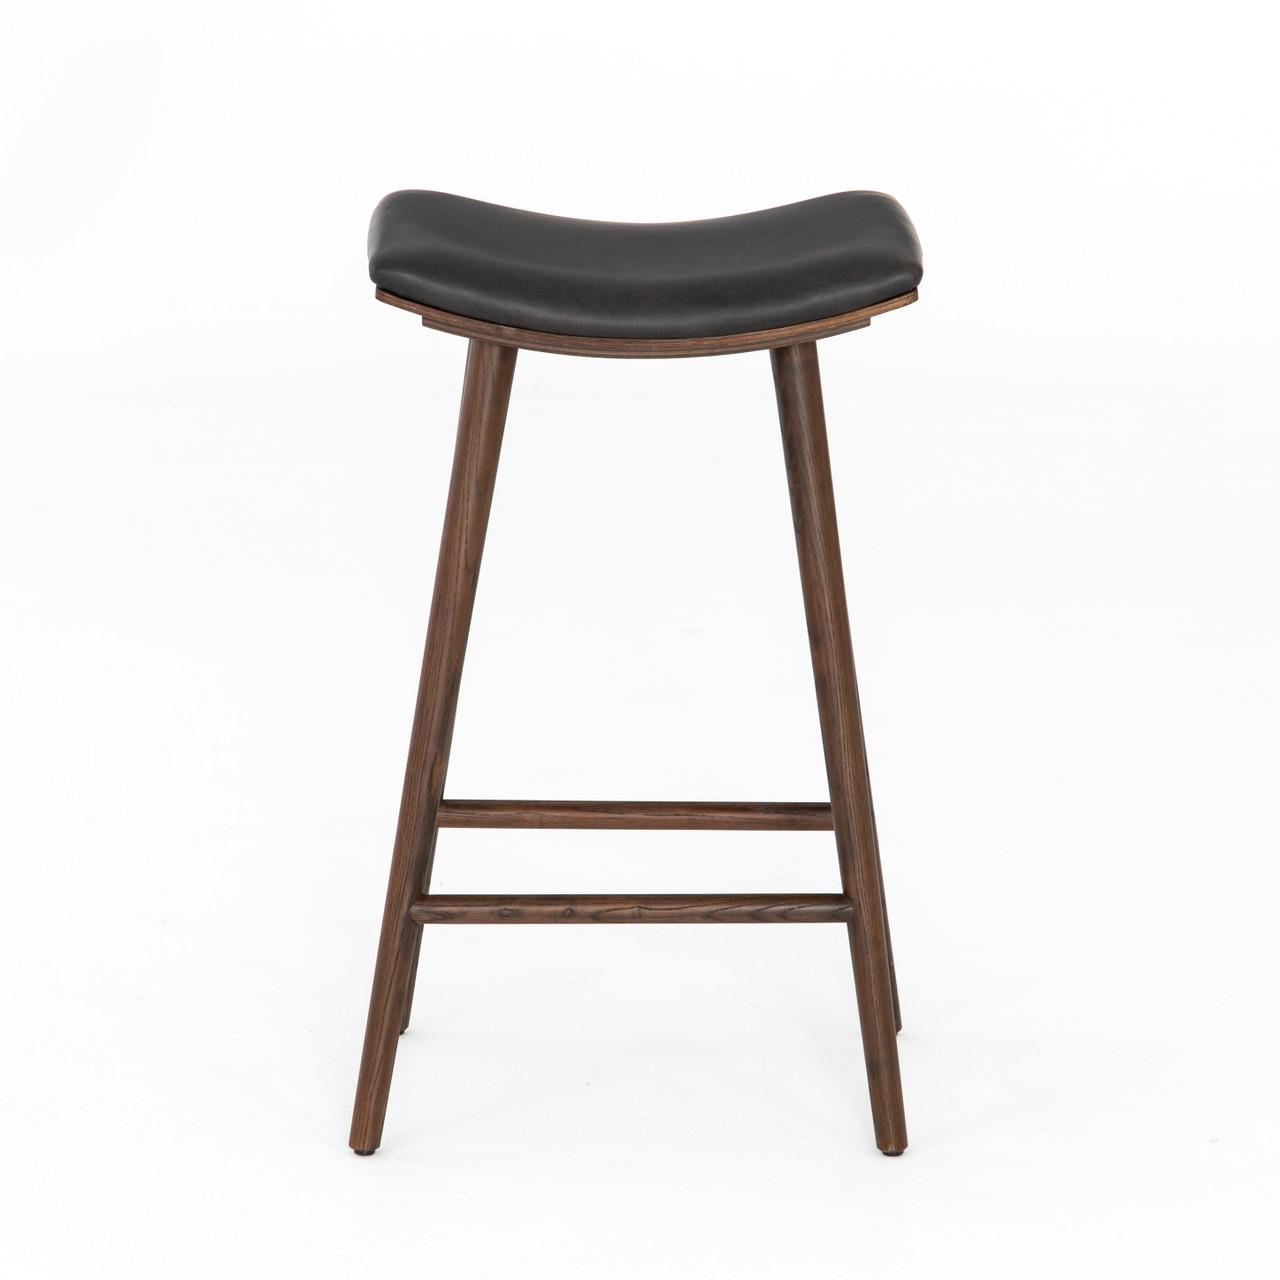 Luna Upholstered Saddle Black Oak Bar and Counter Stool